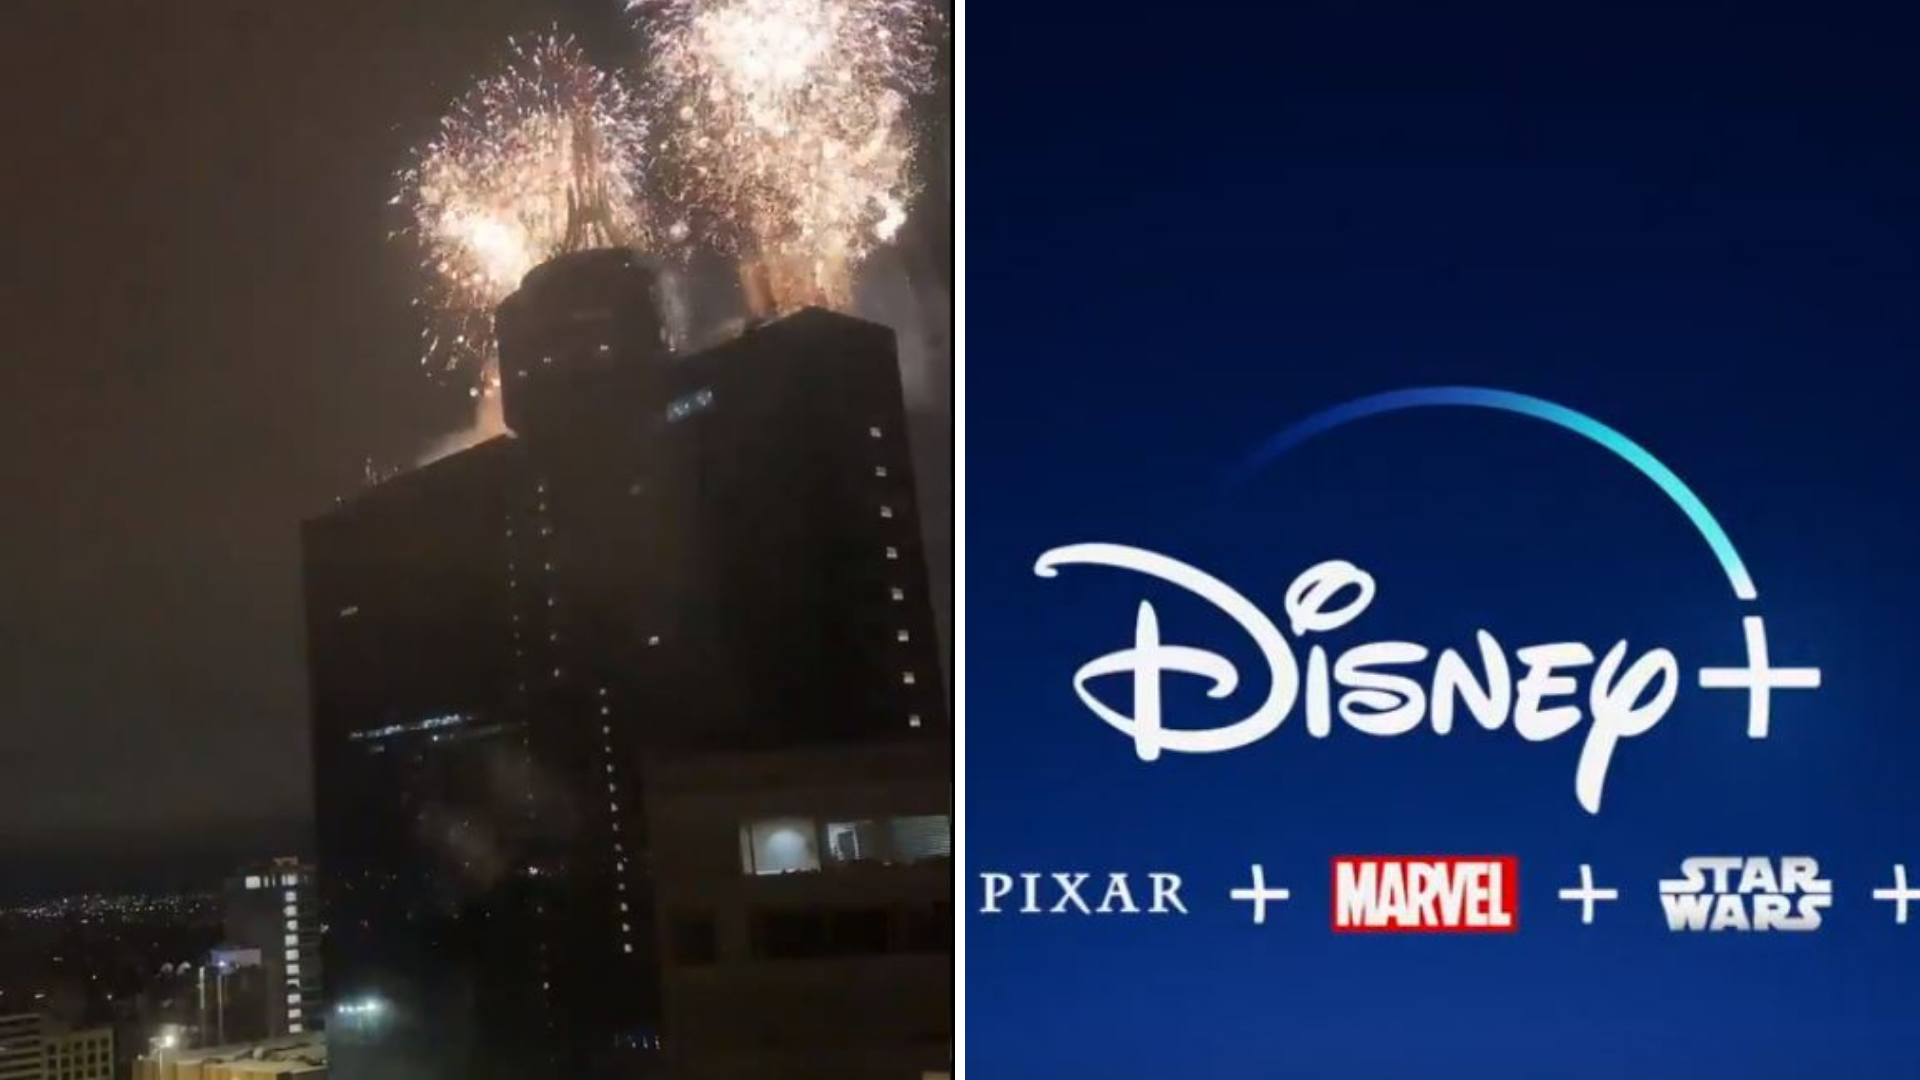 Disney+ cumple su primer año de vida con más de 73 millones de suscriptores